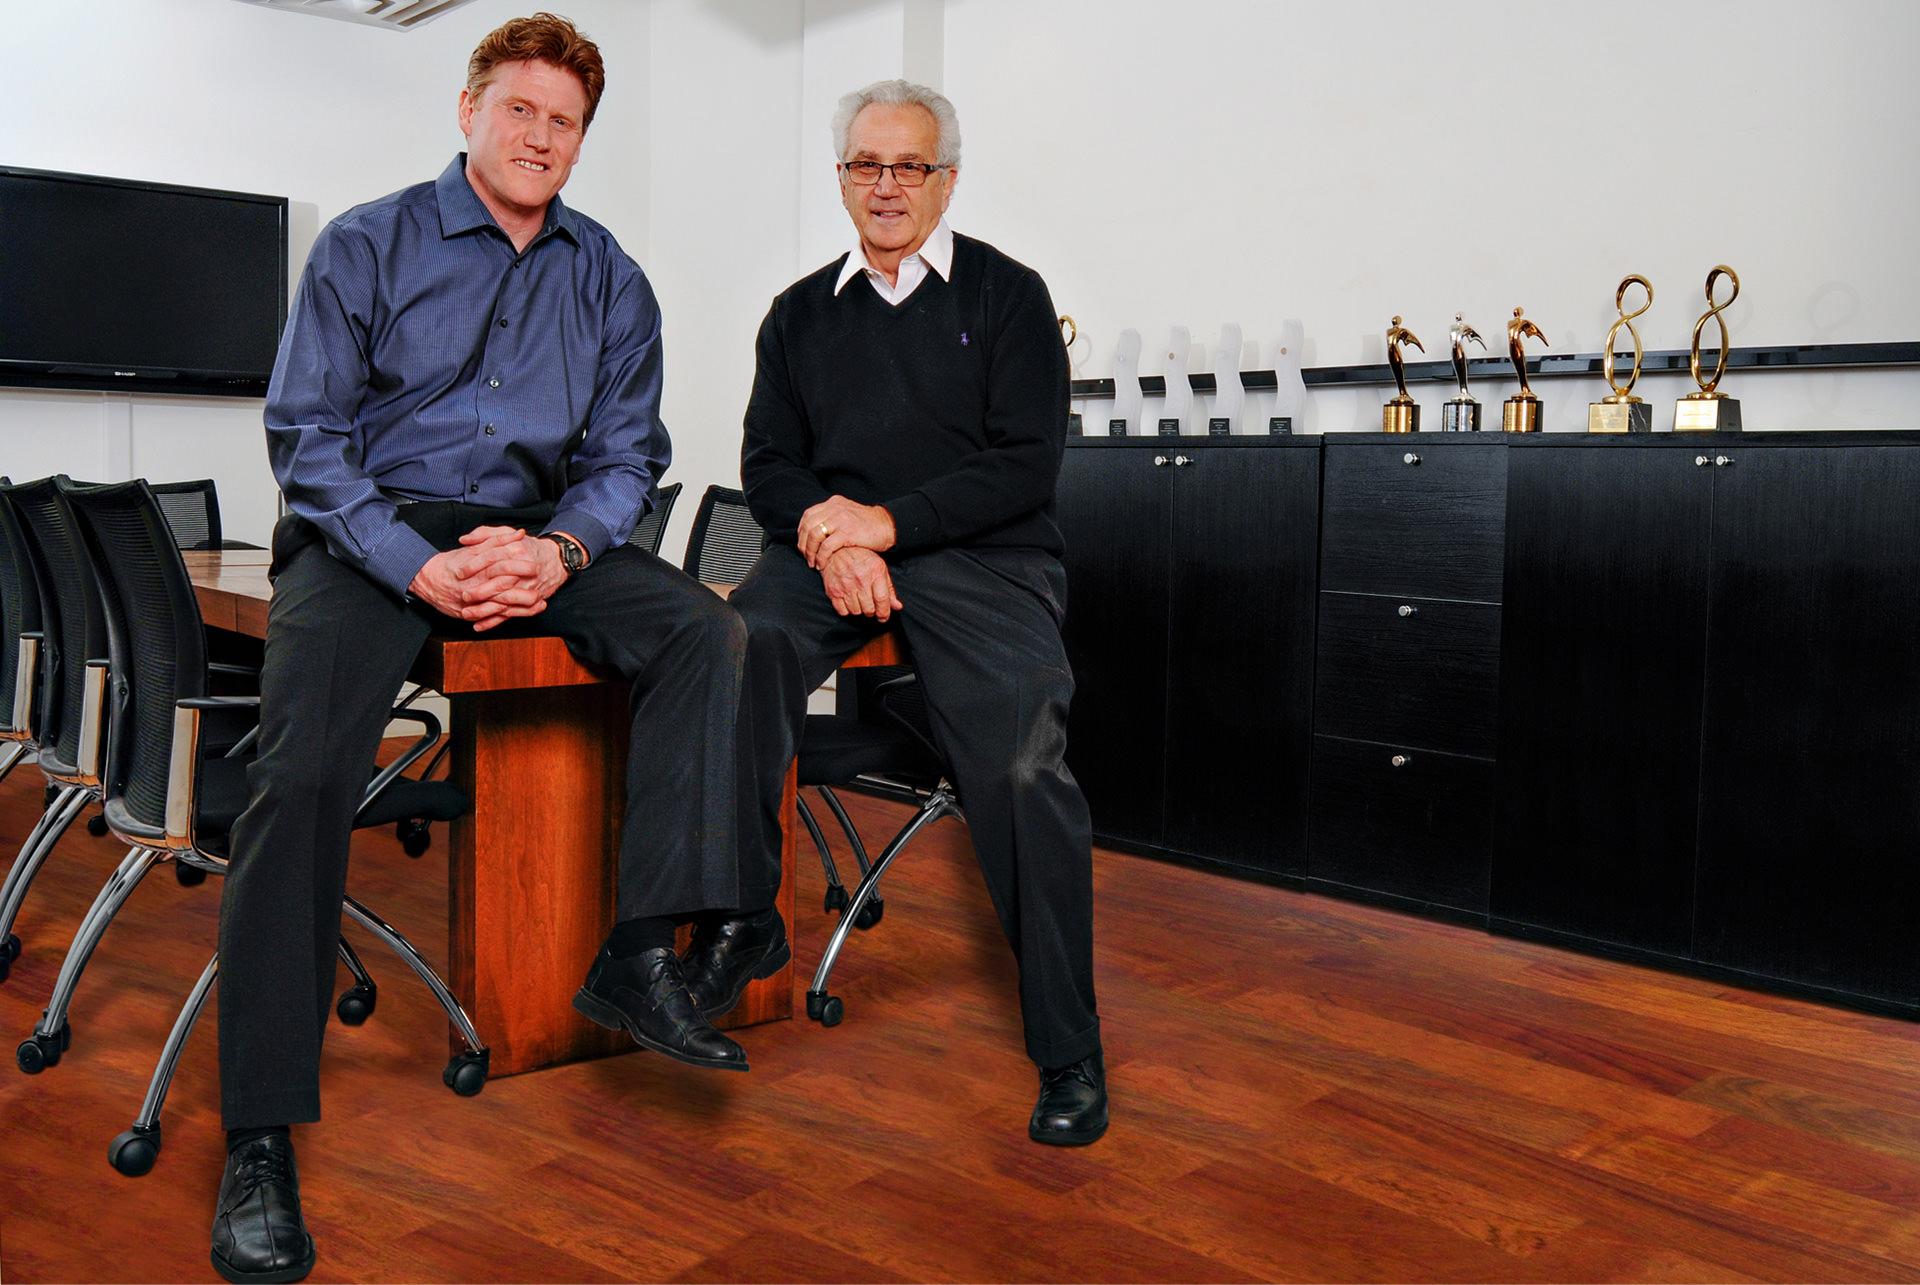 Chris-and-Frank-DeVito-Bio-Pic